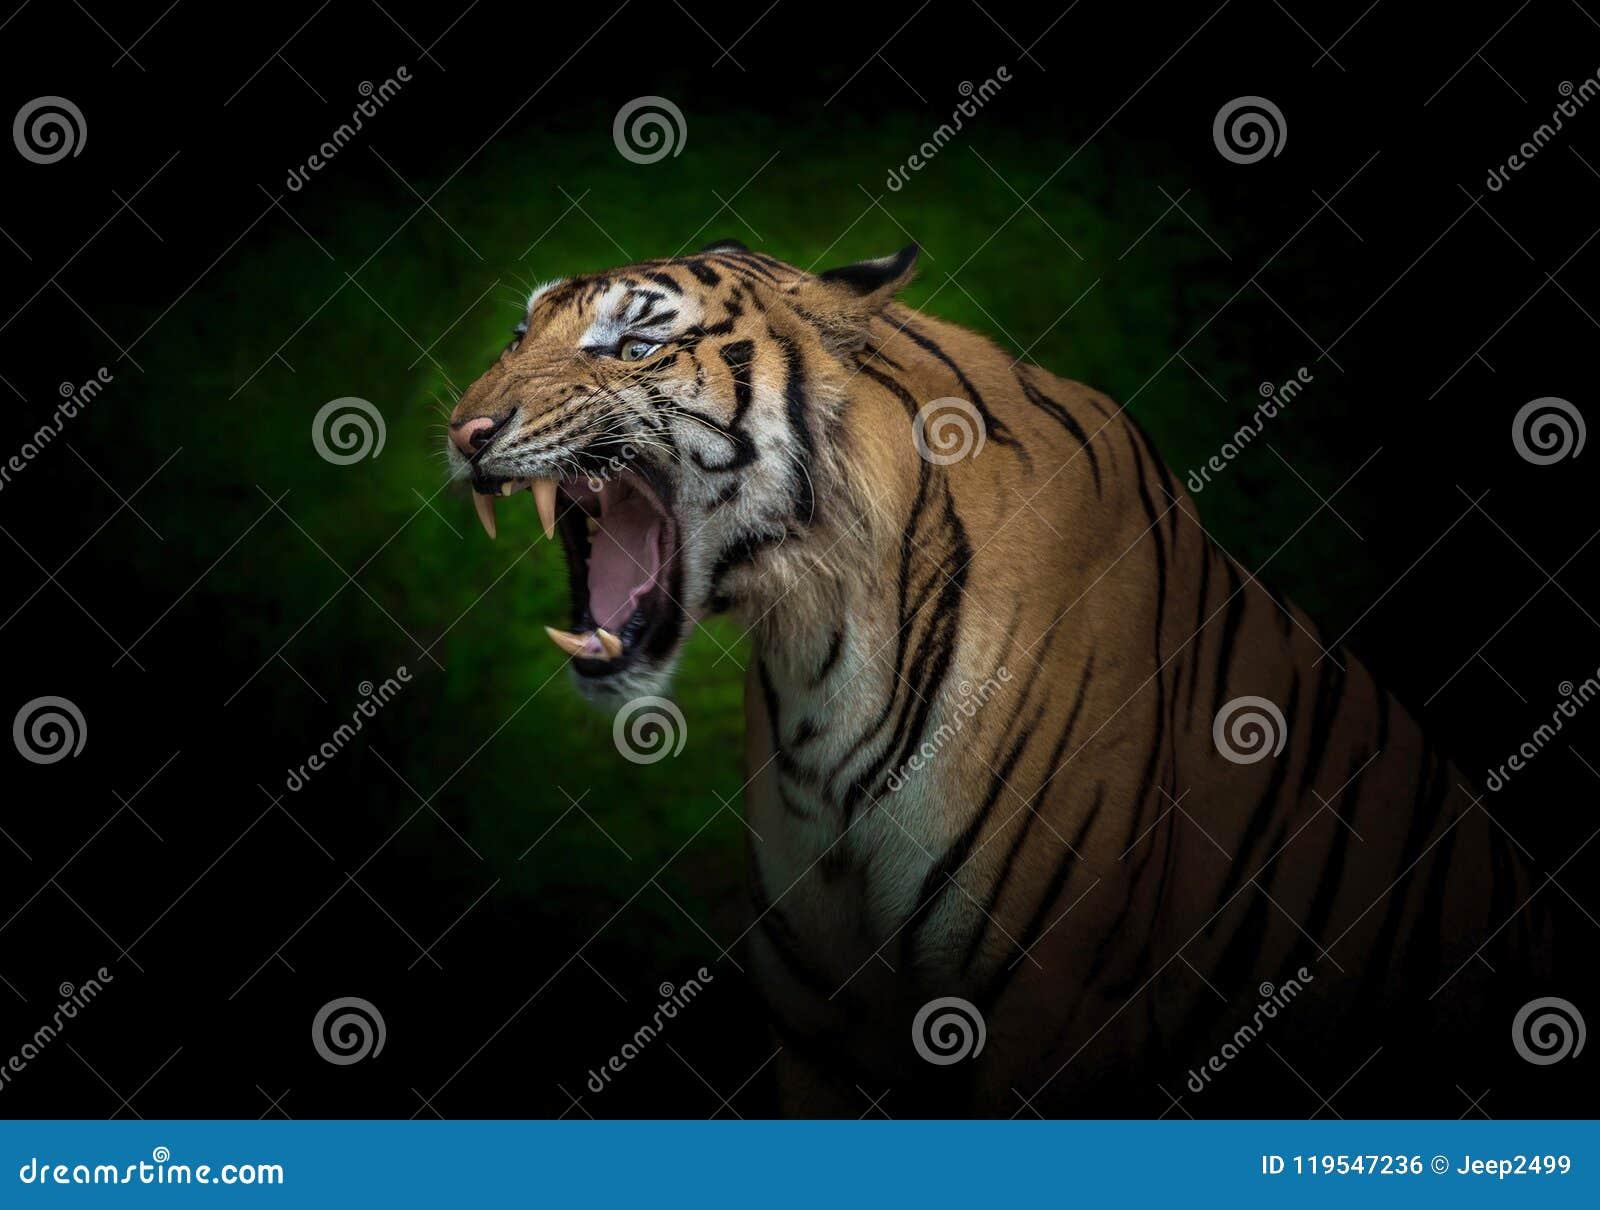 Junge indo-chinesische Tiger brüllen